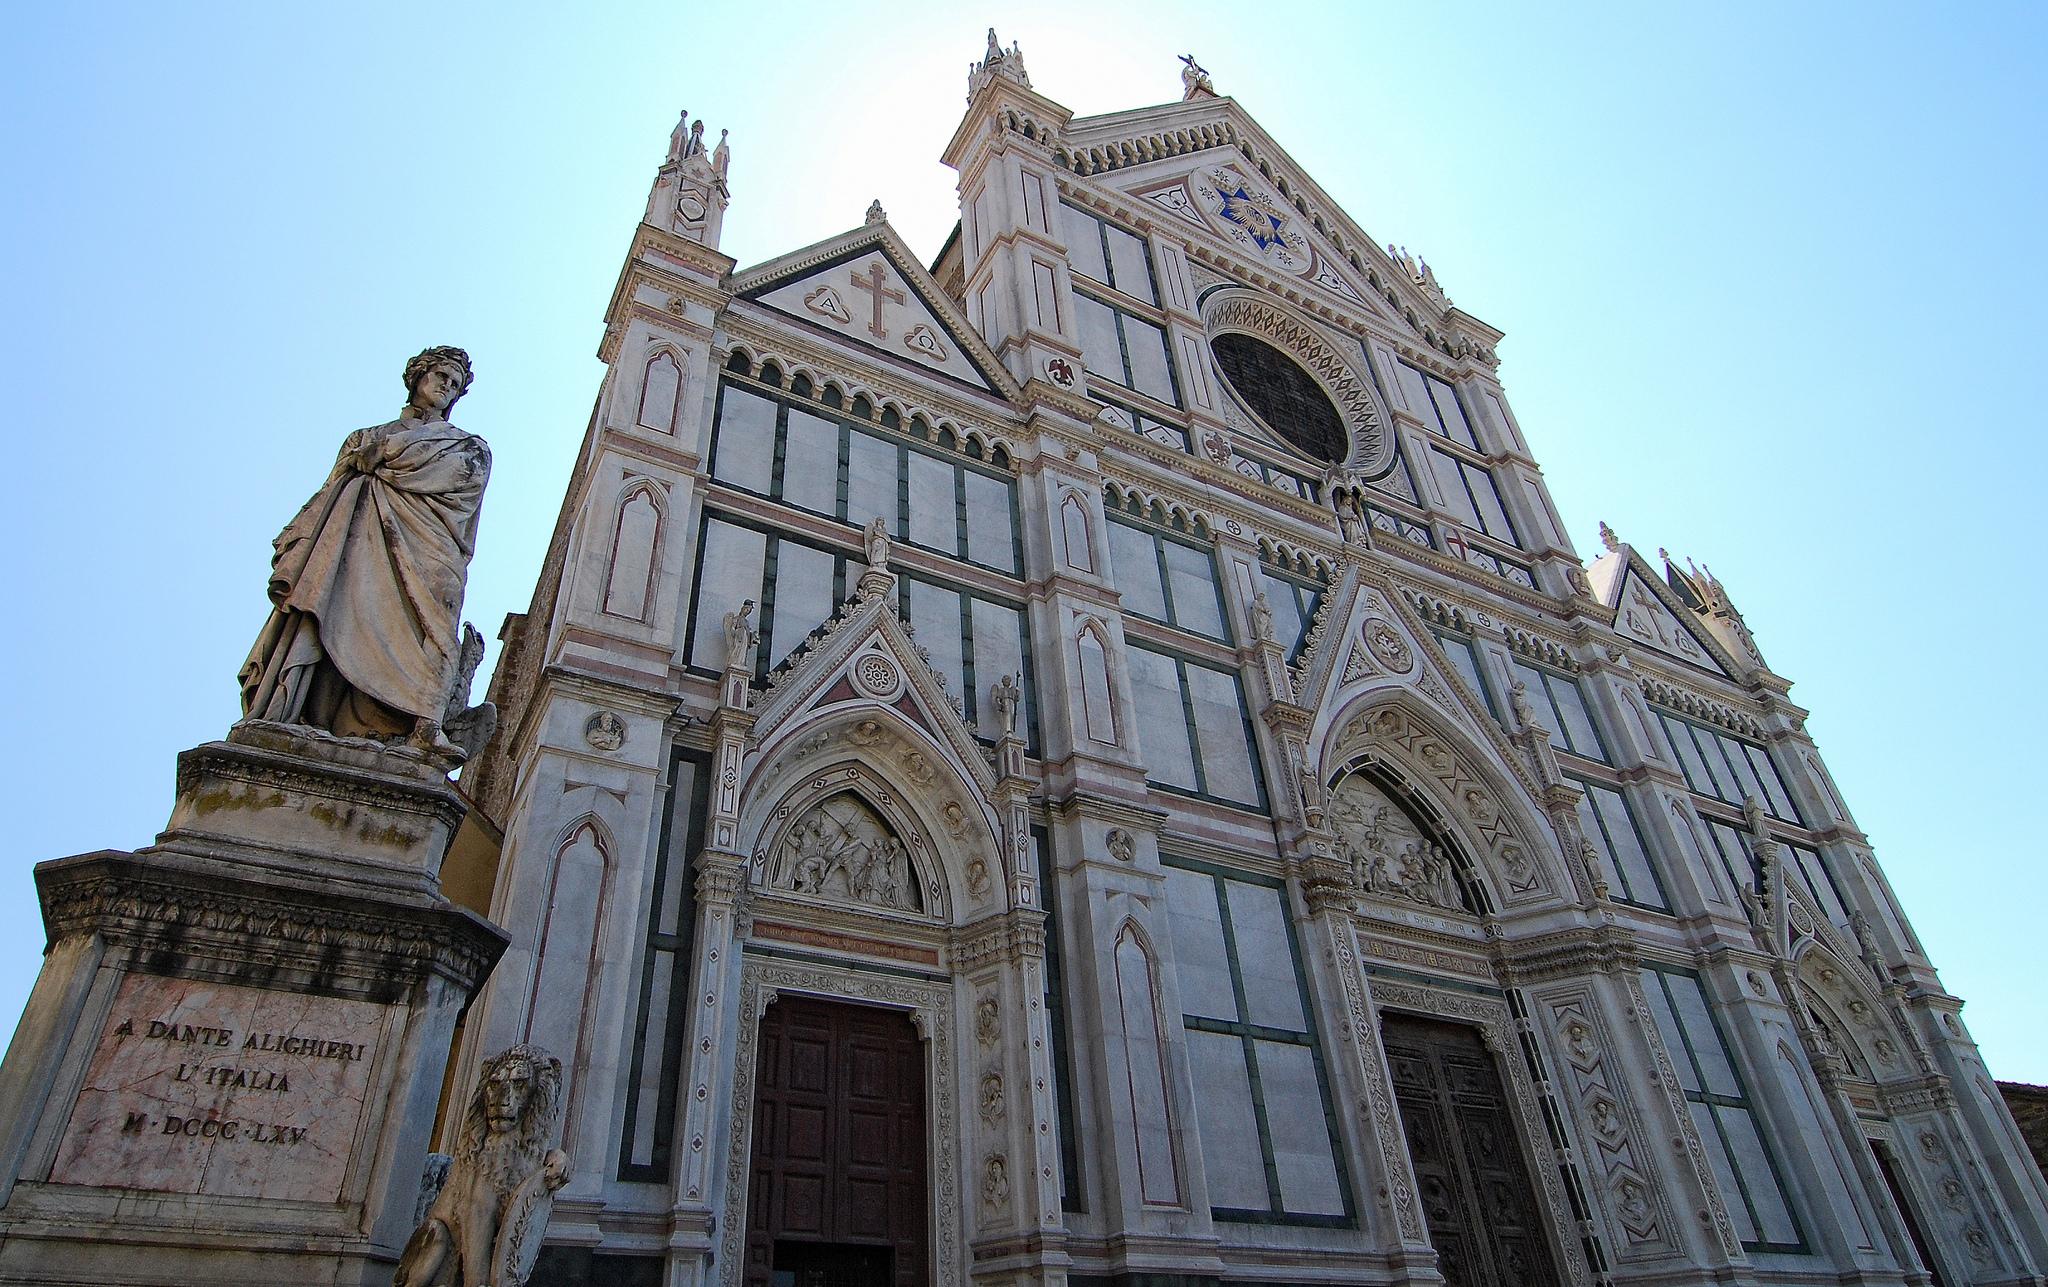 Firenze-Santa-Croce